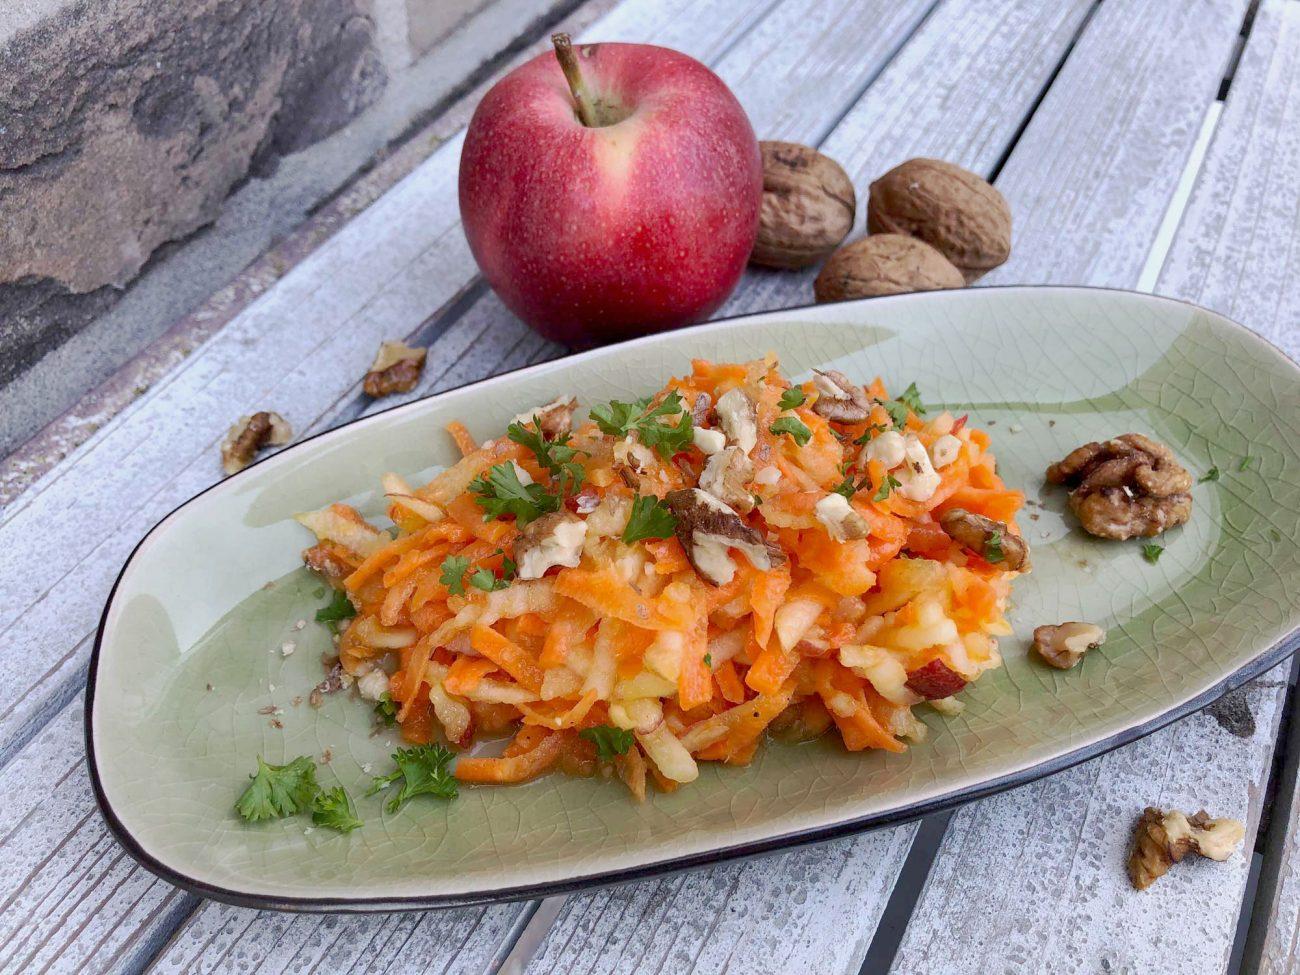 Apfel-Möhren-Salat mit Nüssen